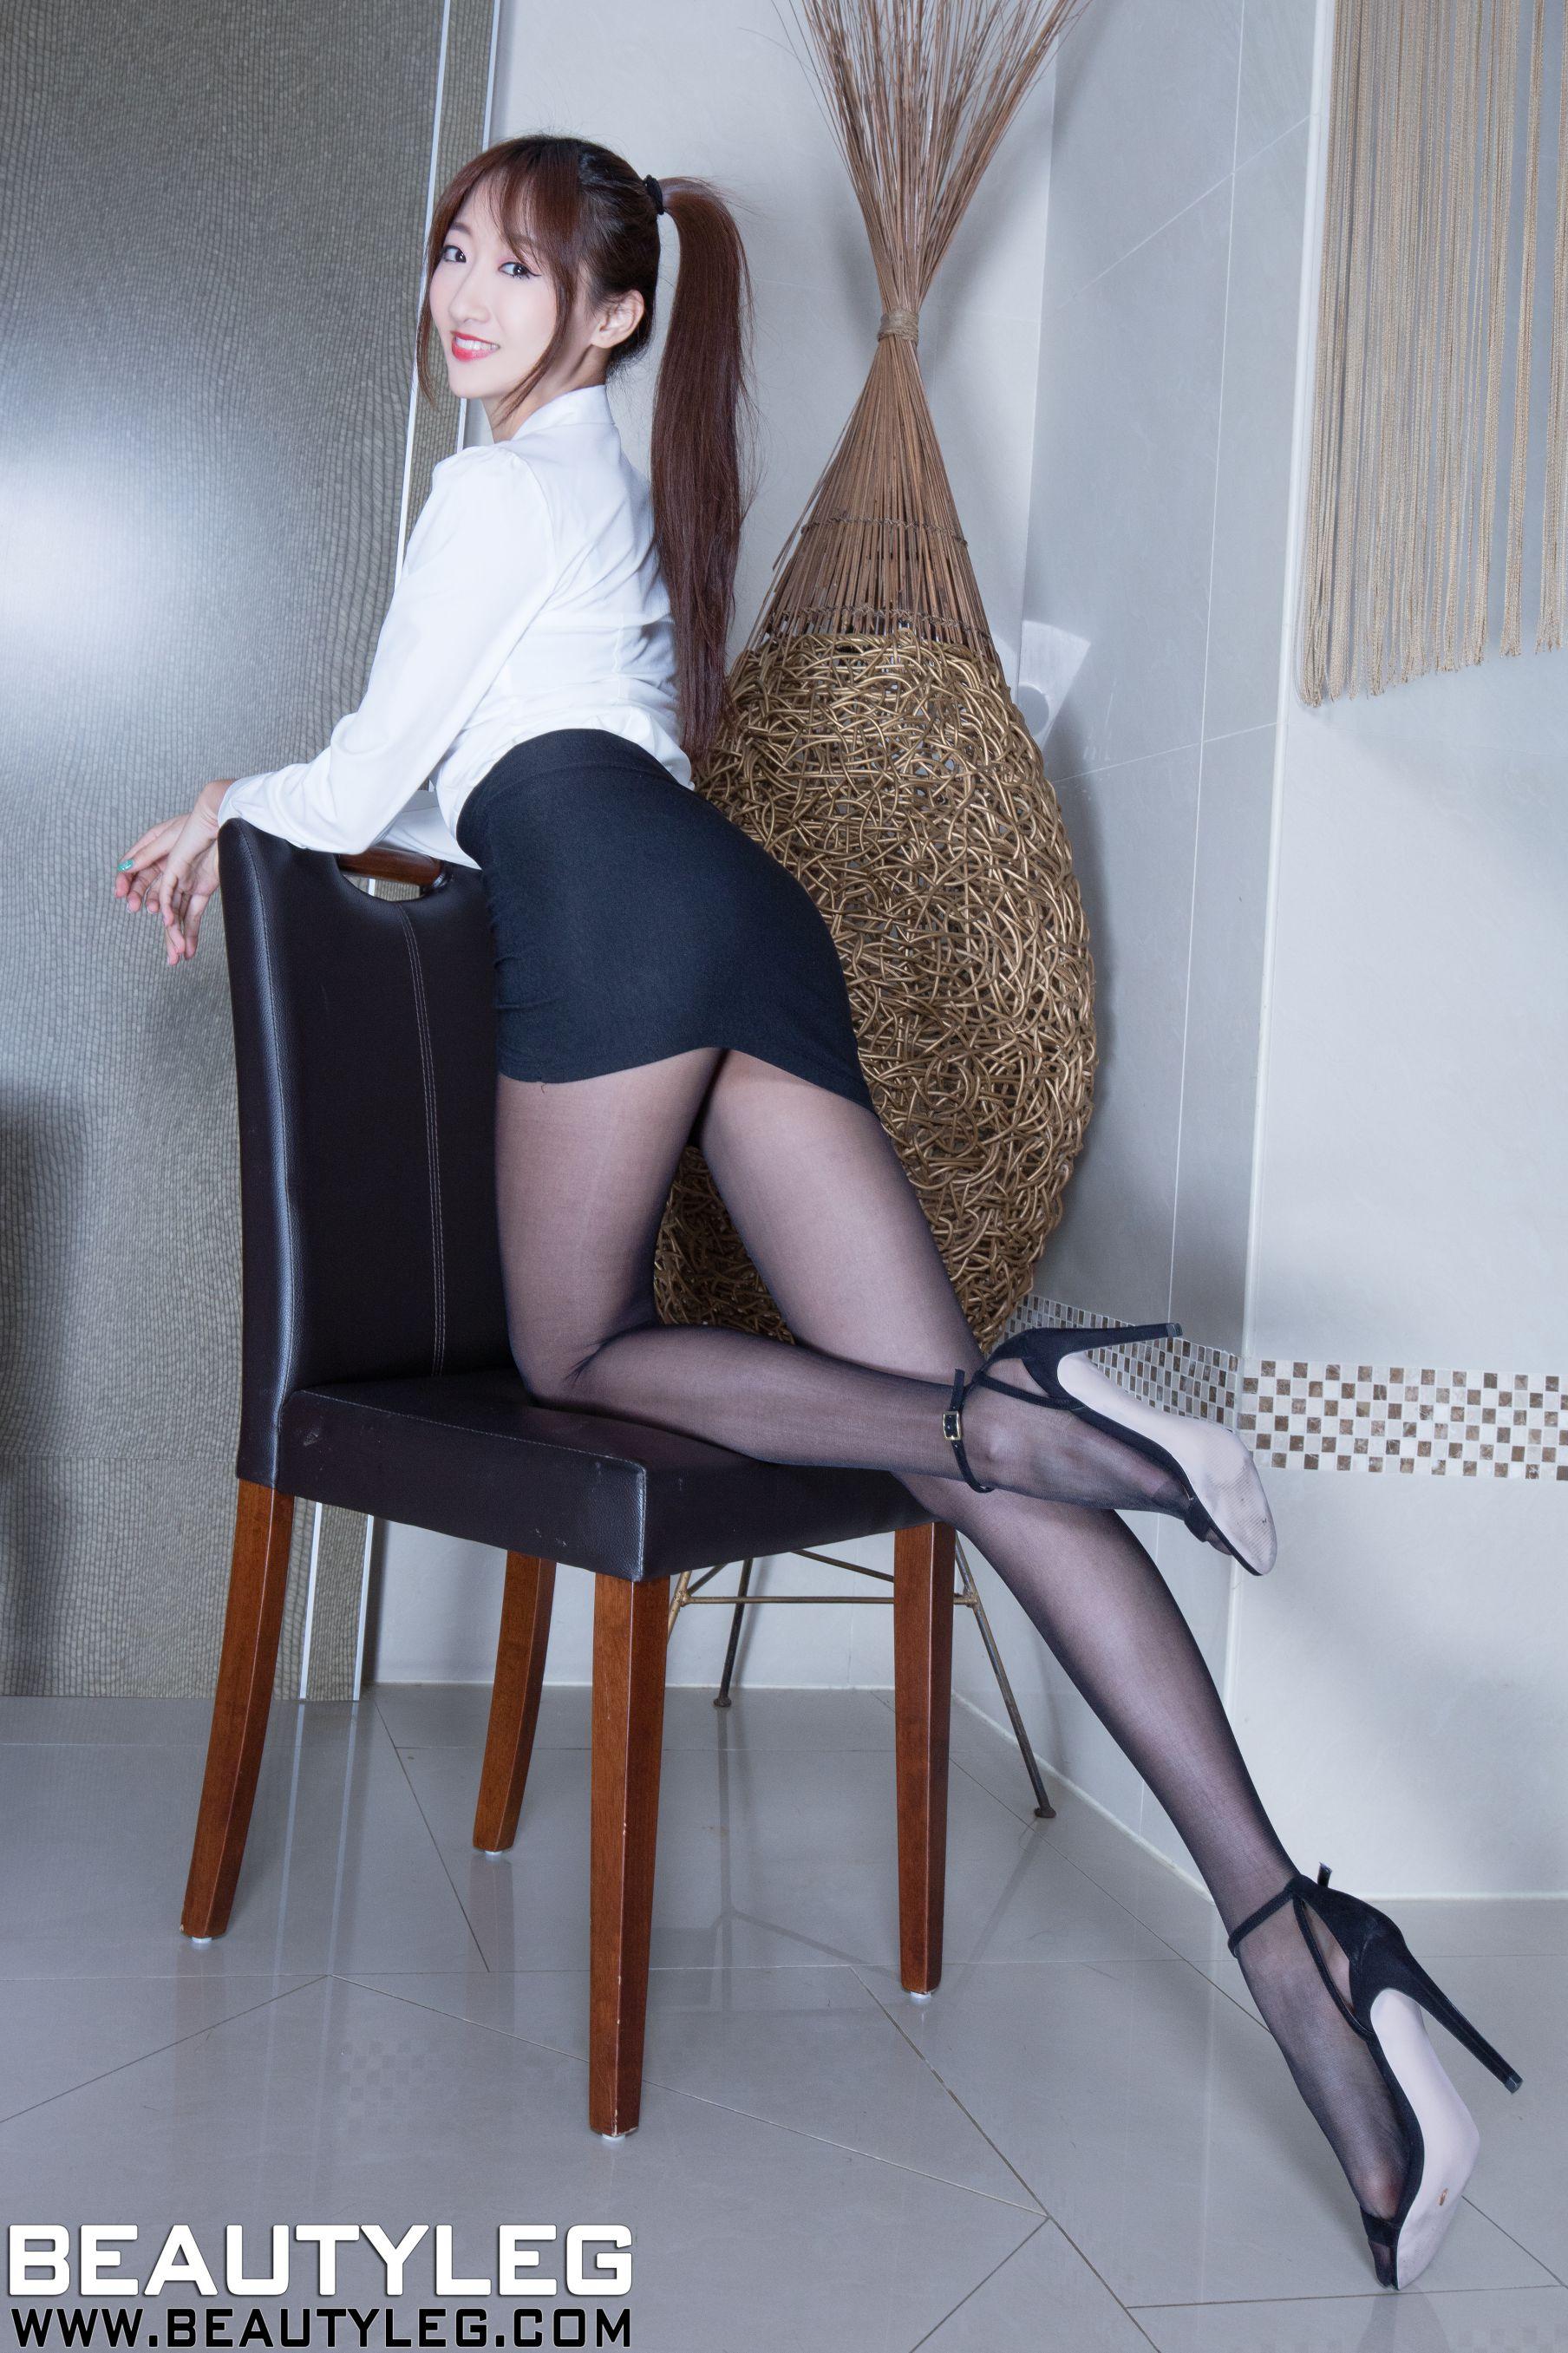 VOL.1259 [Beautyleg]美腿:腿模Minnie(Minnie)高品质写真套图(44P)